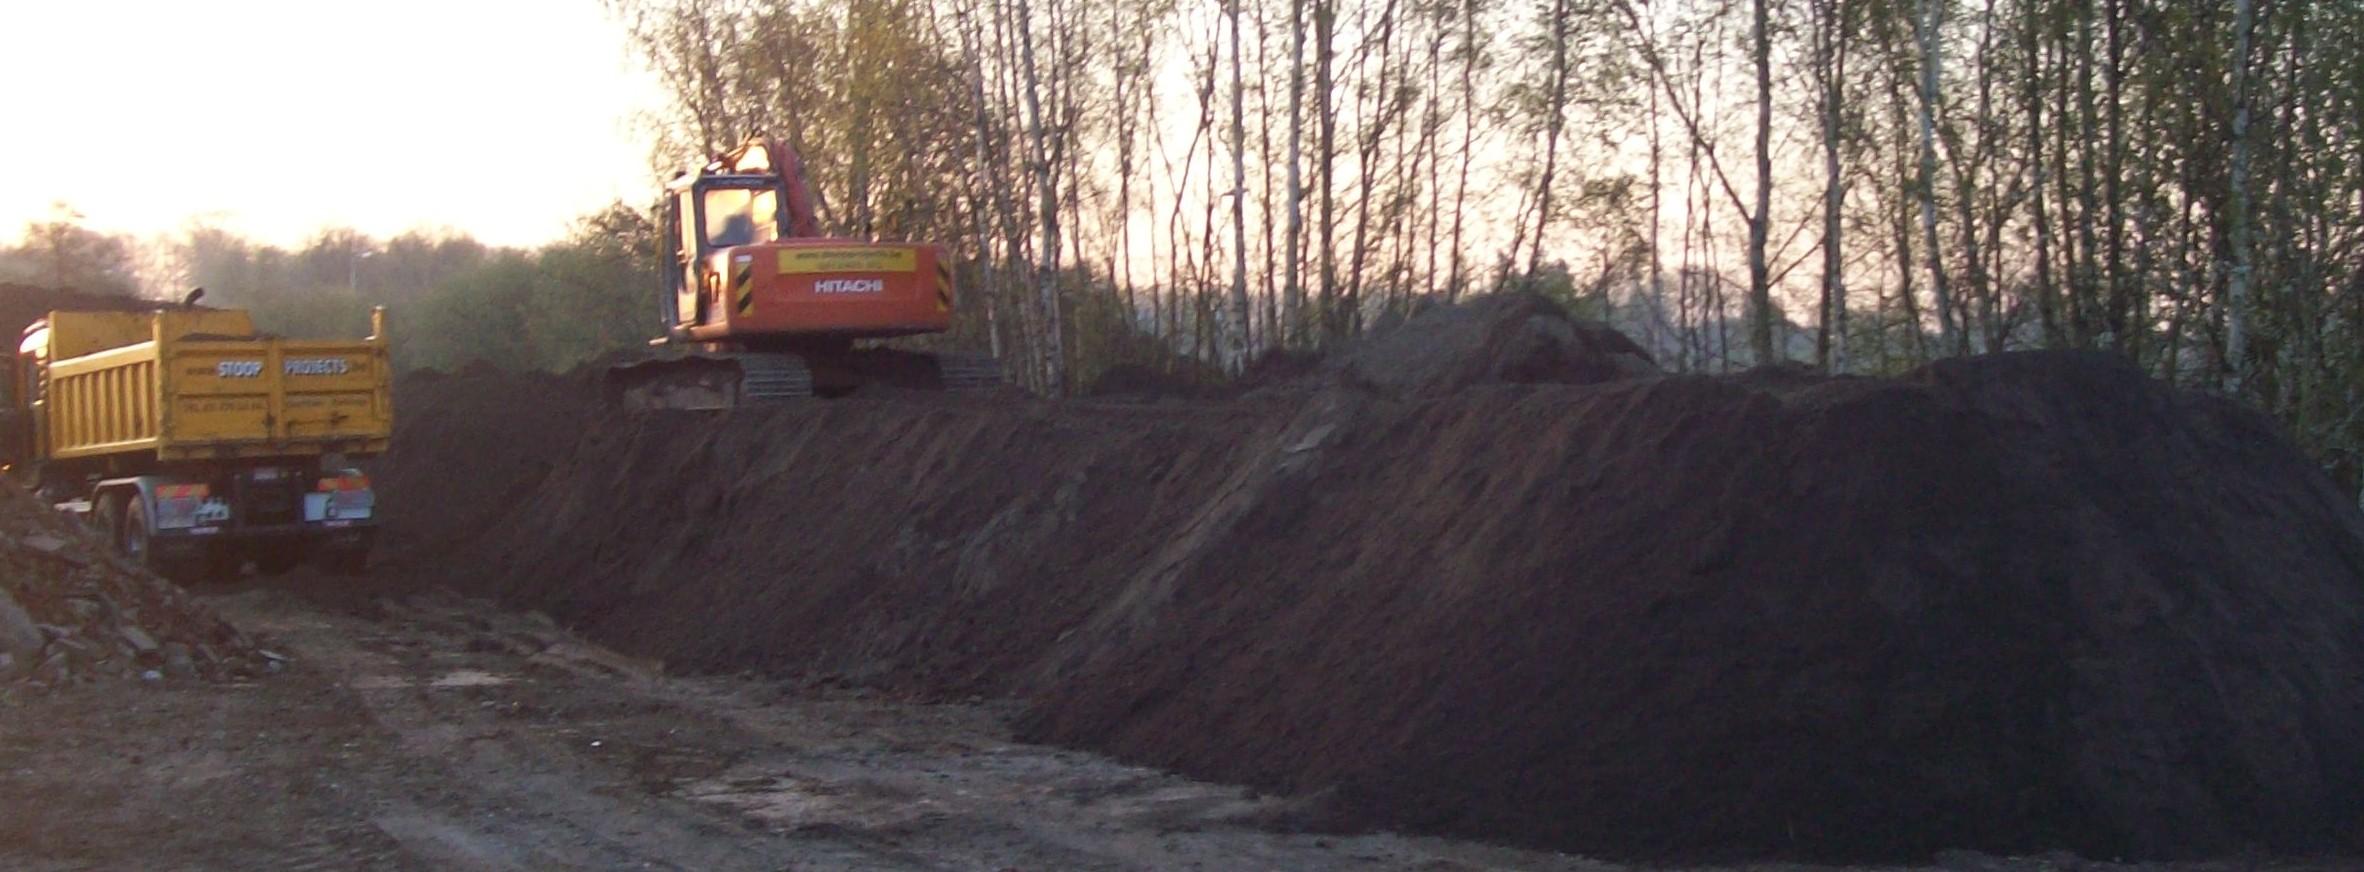 stoop-projects-grondwerken-rioleringswerken-1